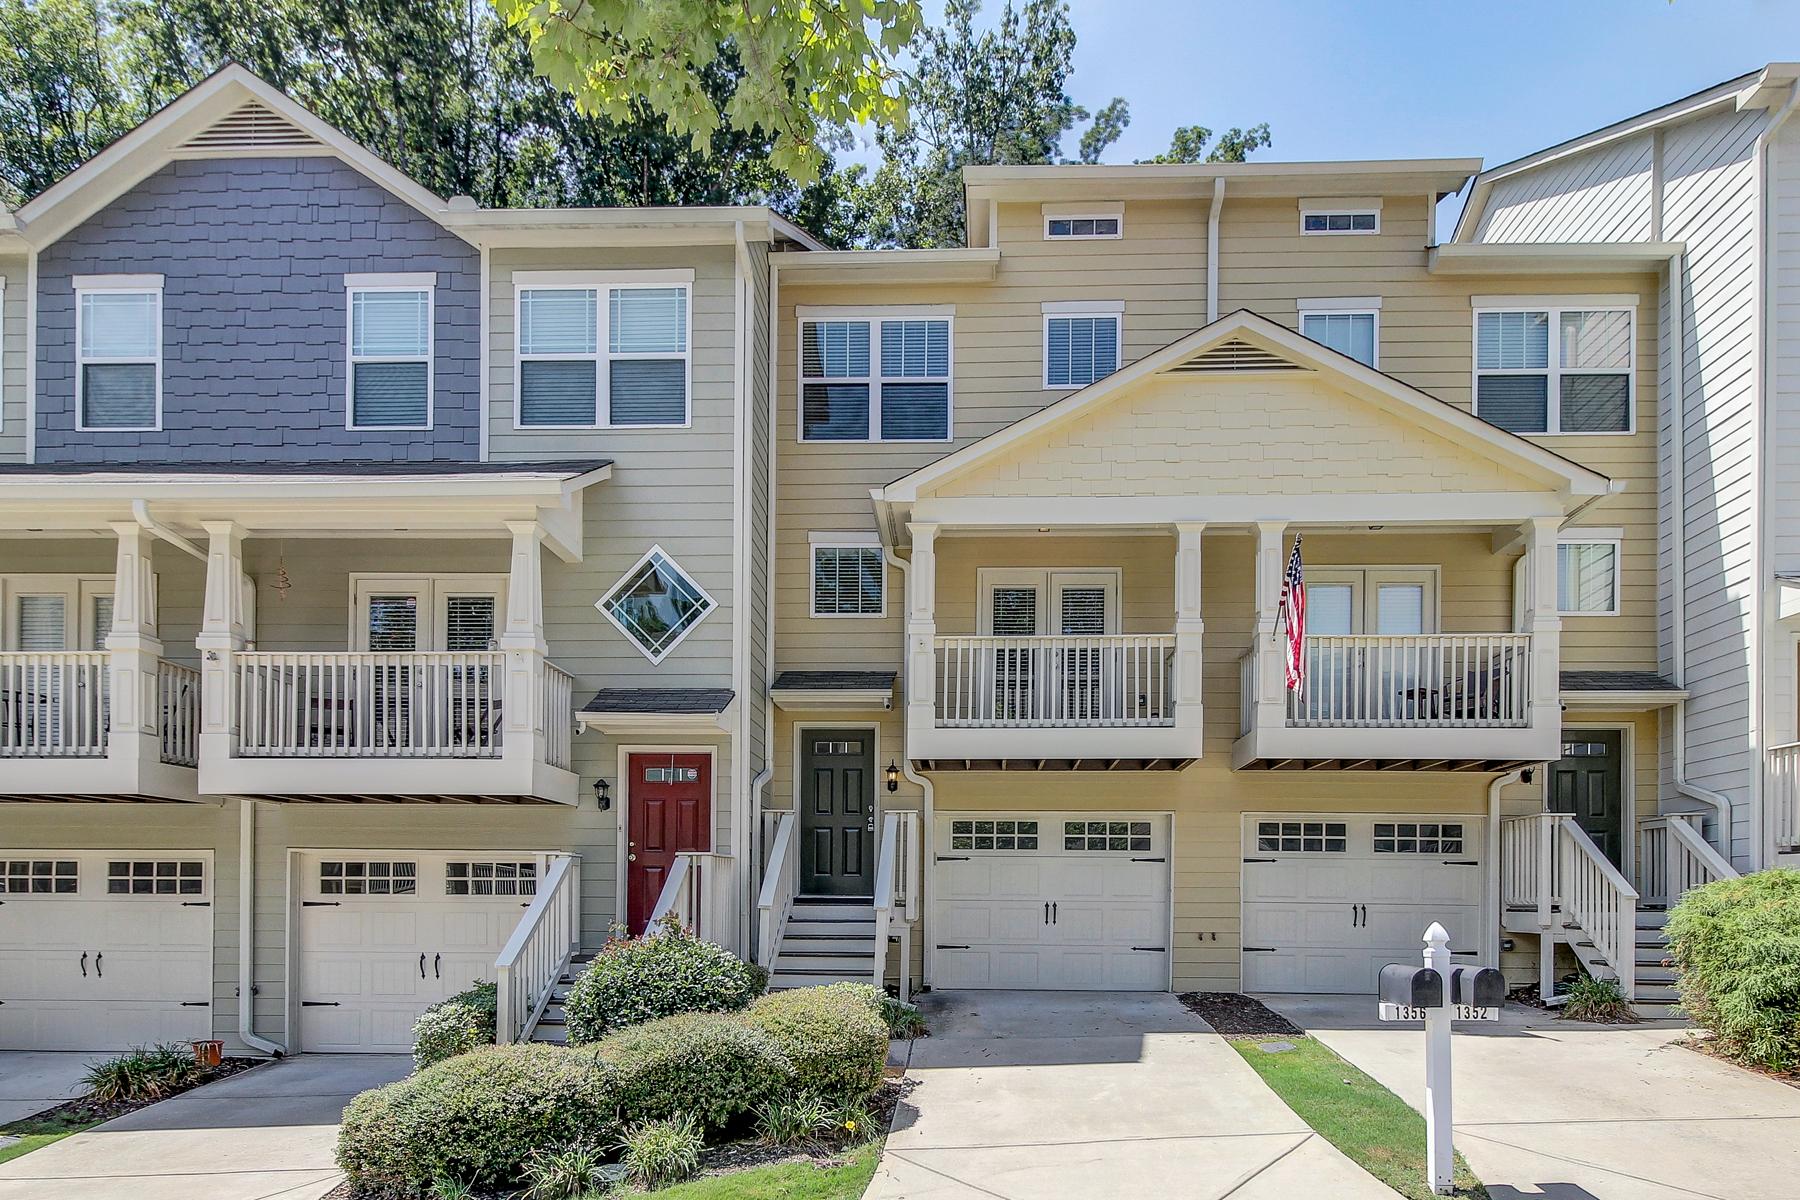 Casa Unifamiliar por un Venta en West Midtown Townhouse 1356 Liberty Parkway NW Atlanta, Georgia, 30318 Estados Unidos